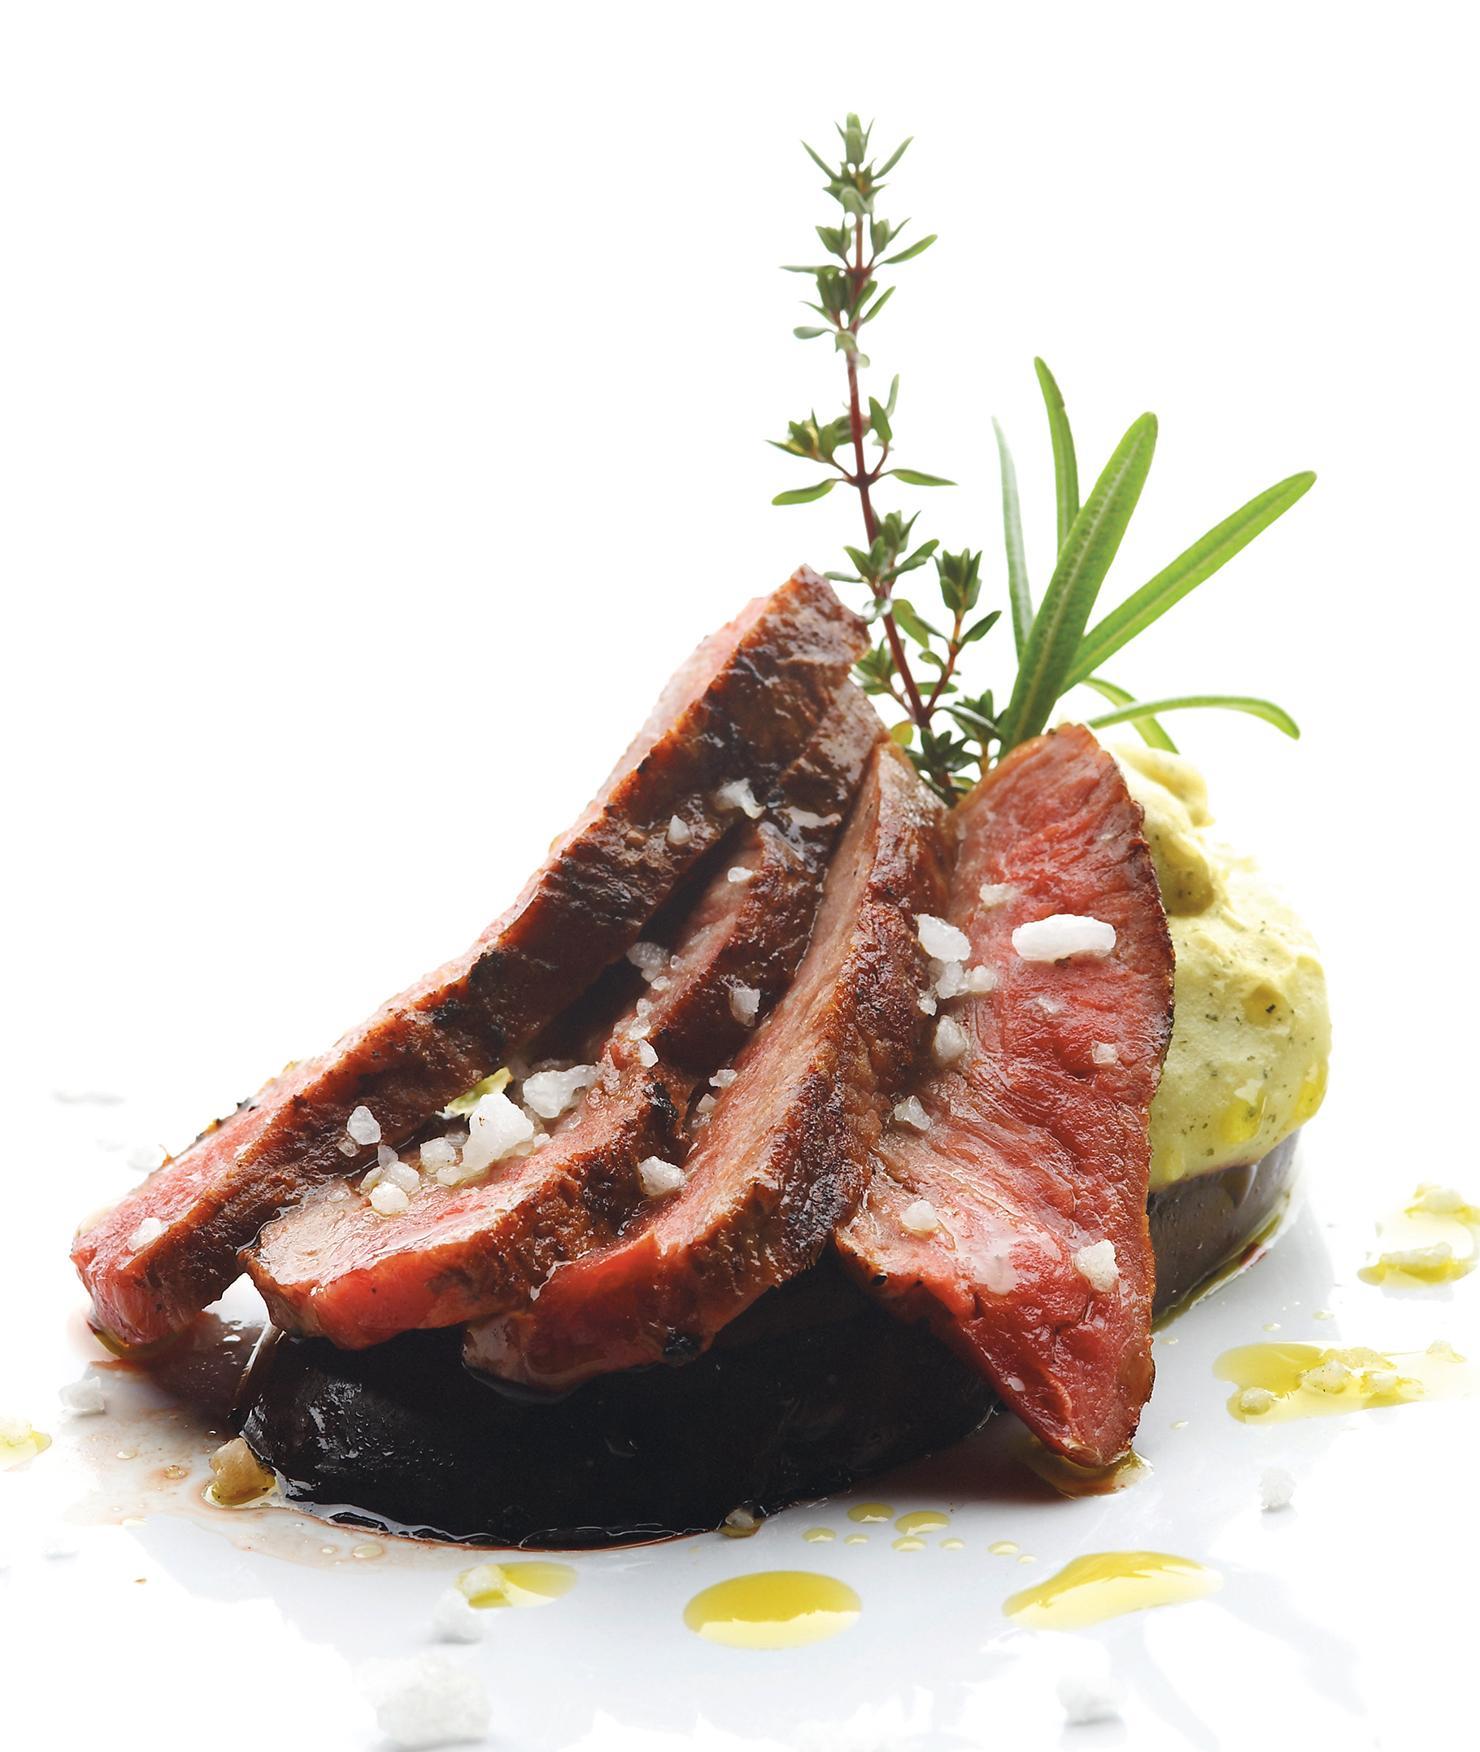 BRITA restaurante de lujo carne